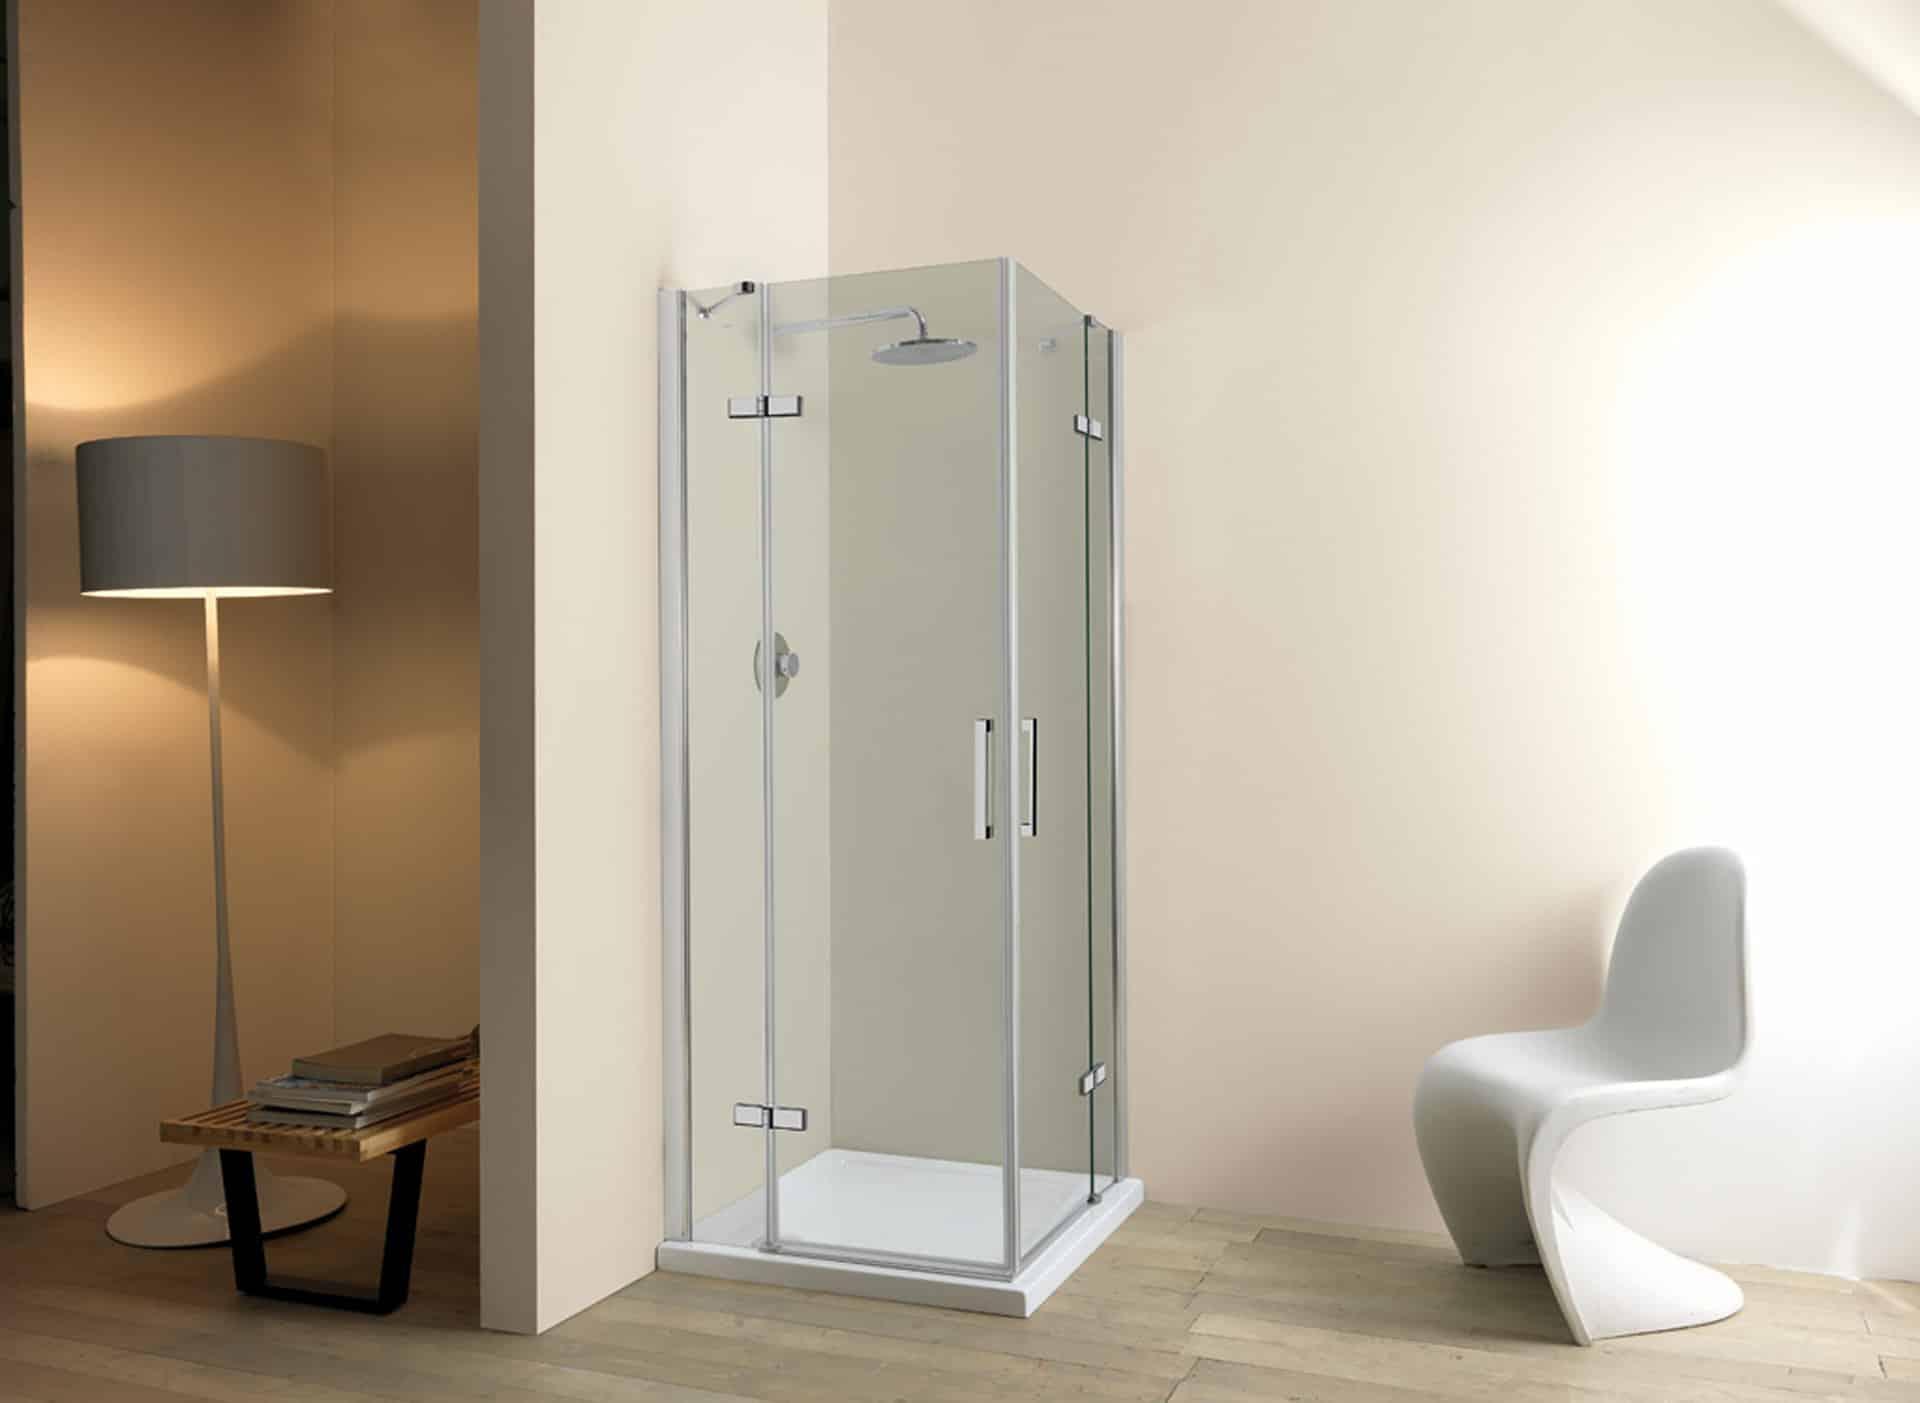 Cabina box doccia cristallo mm lati porta battente su lato